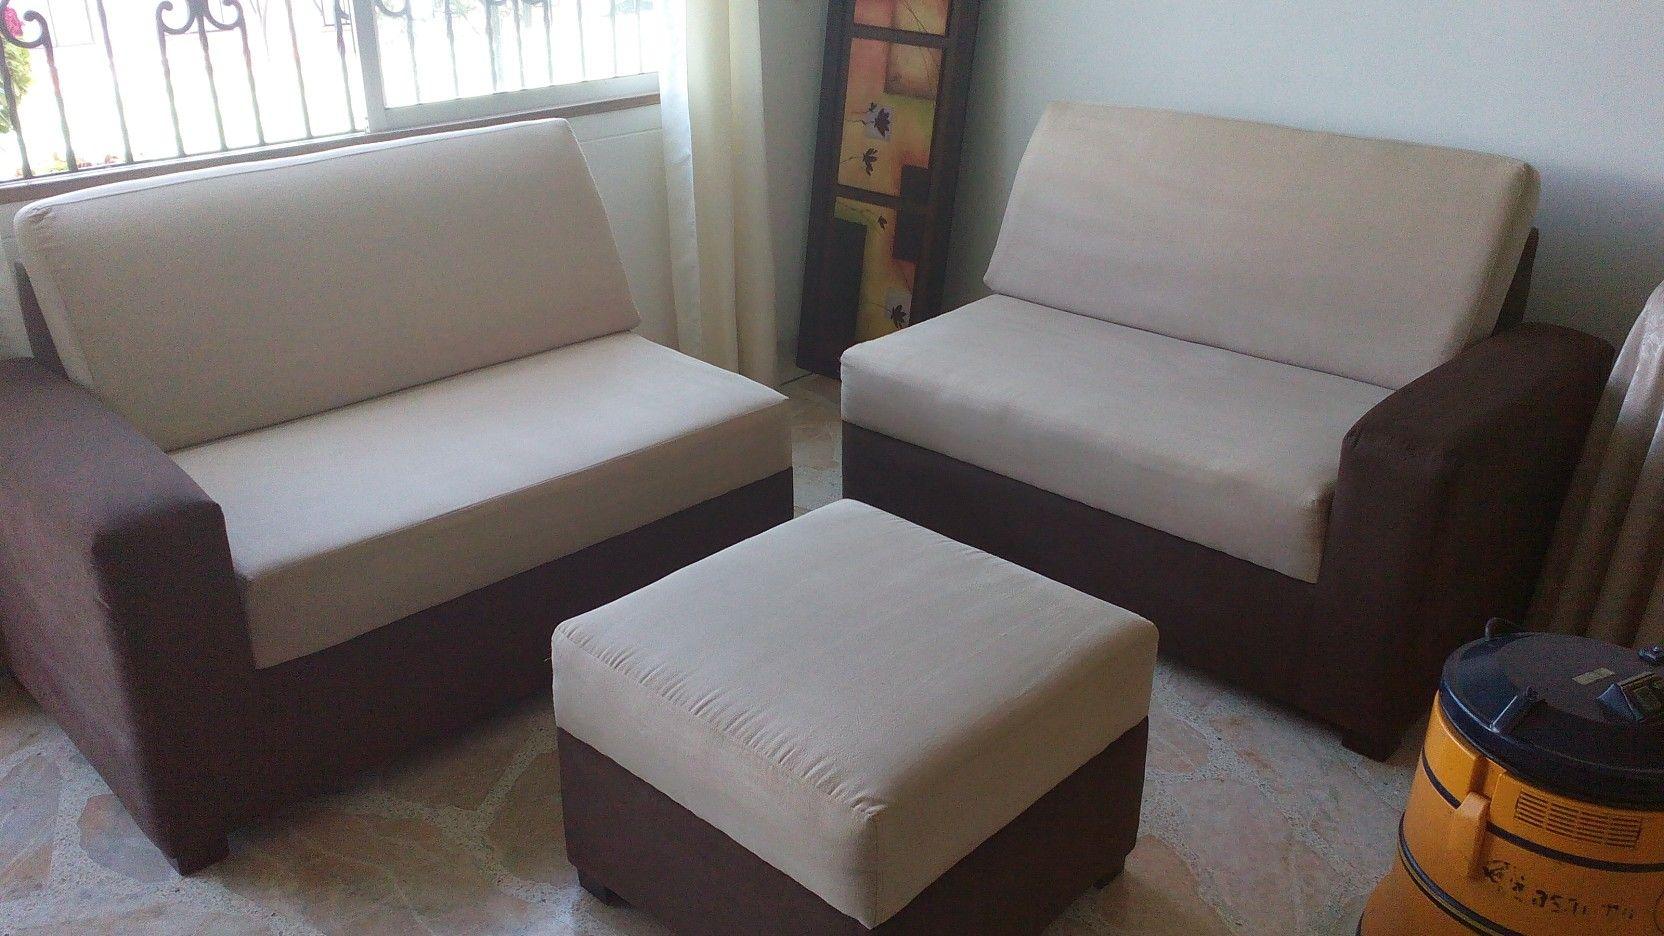 Lavanderia Restaurar Arte Somos Los Mejores 3113270099 Www  # Muebles Efecto Lavado